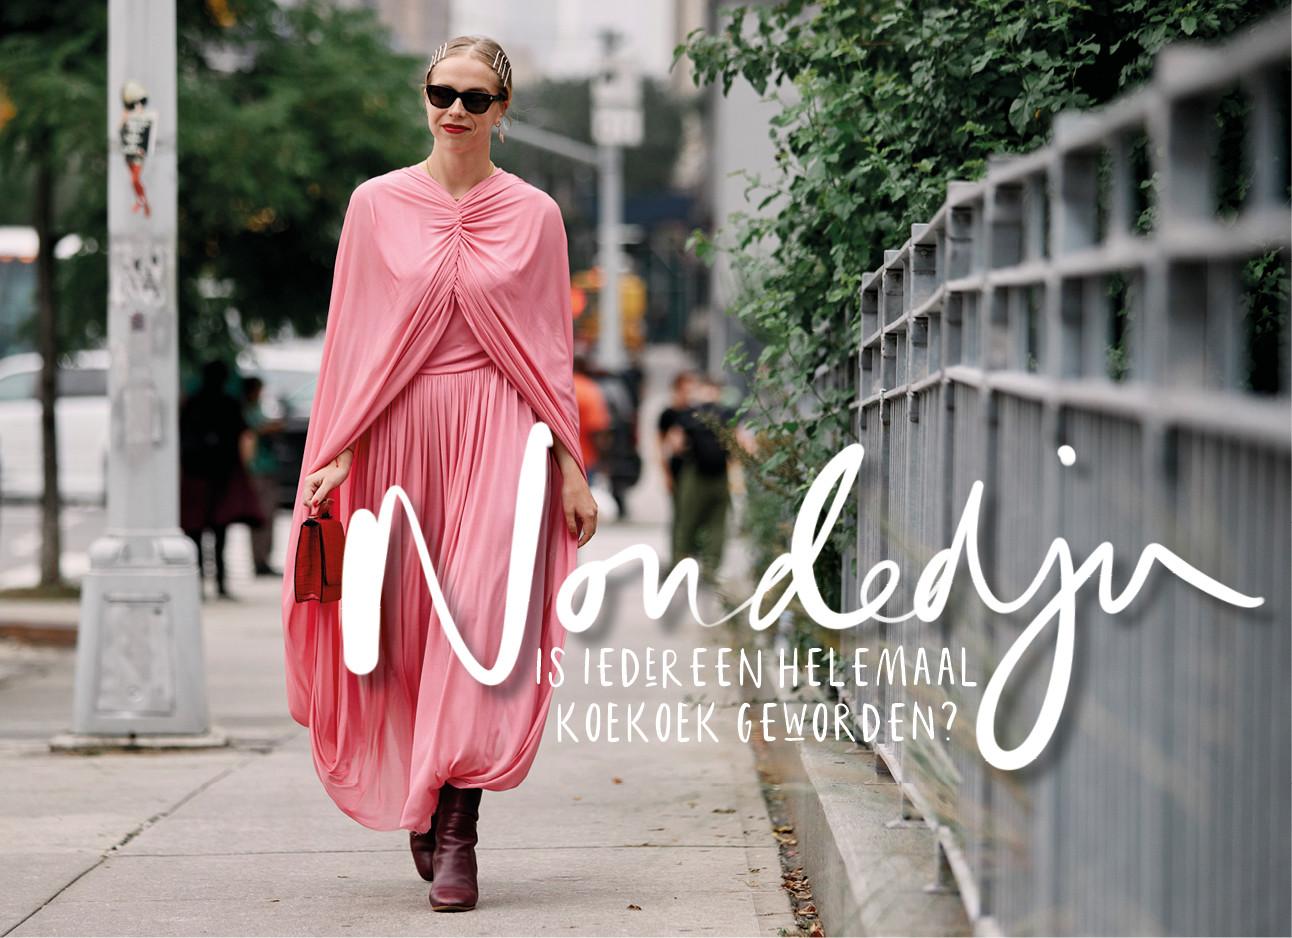 Vrouw in roze gewaad op straat rondom de NYFW shows